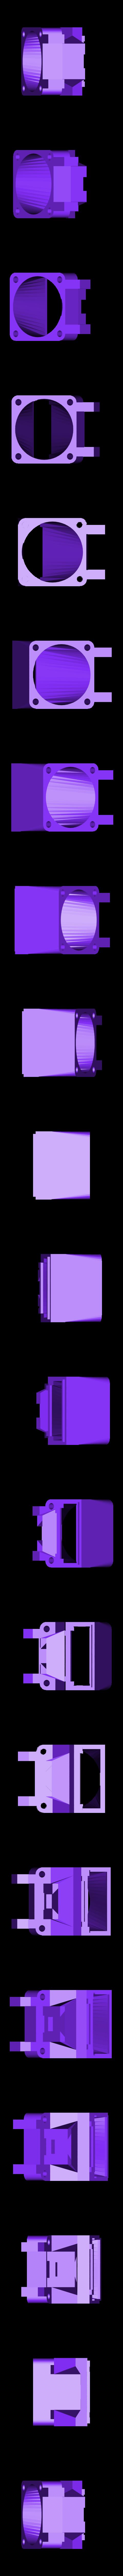 FanMount_B.stl Télécharger fichier STL gratuit Zmorph 2.0 (S) Système de refroidissement • Modèle pour impression 3D, kpawel